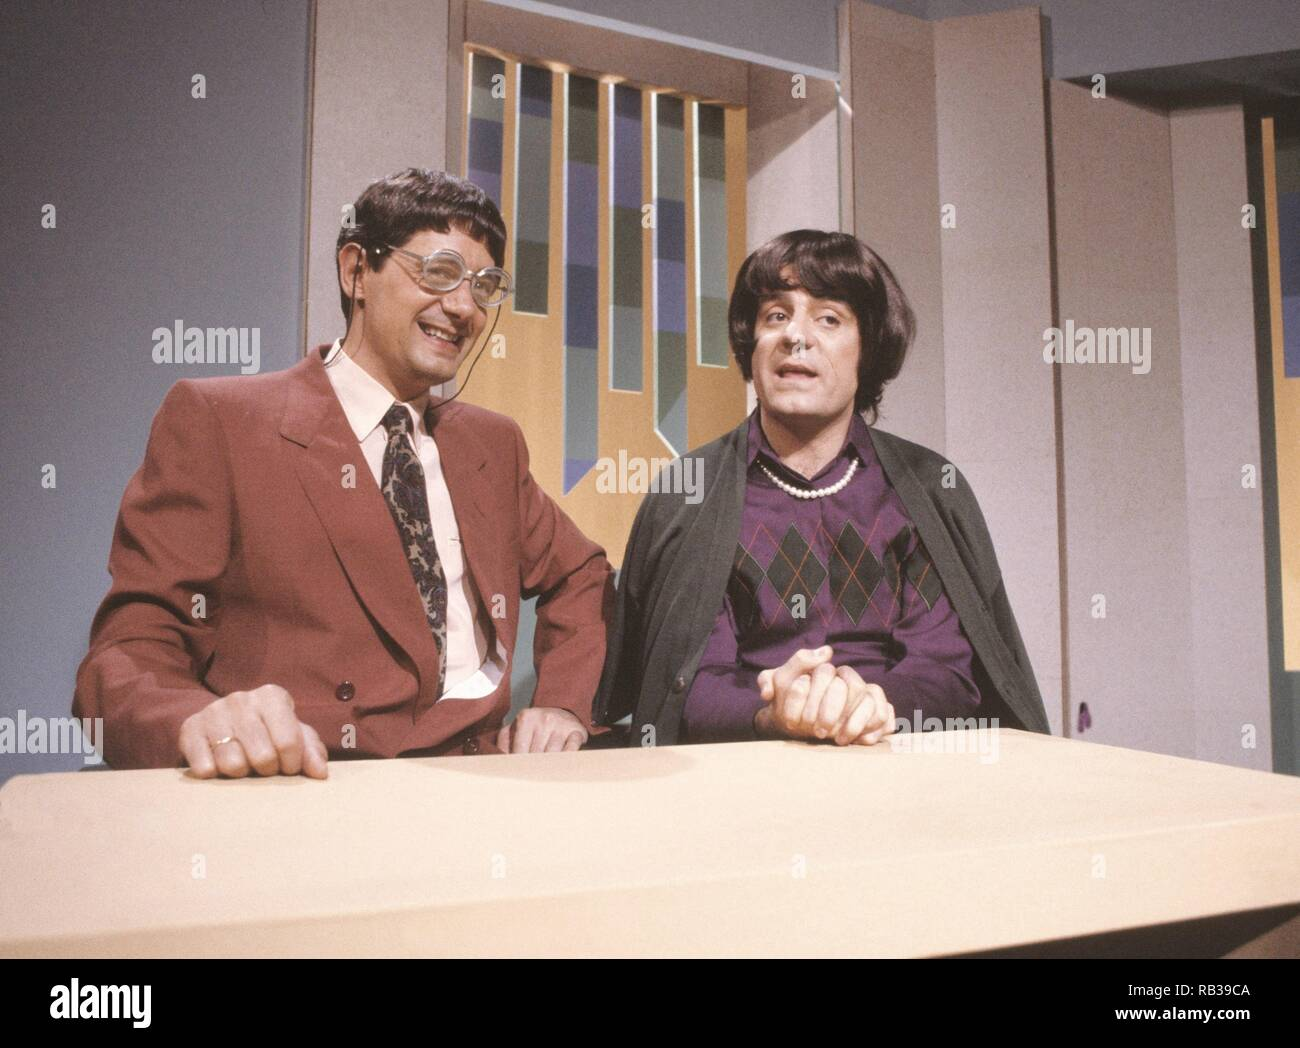 MARTES Y trece. JOSEMA Yuste, Millán Salcedo. DUO humorista español. ACTUACION EN TVE. Imagen De Stock